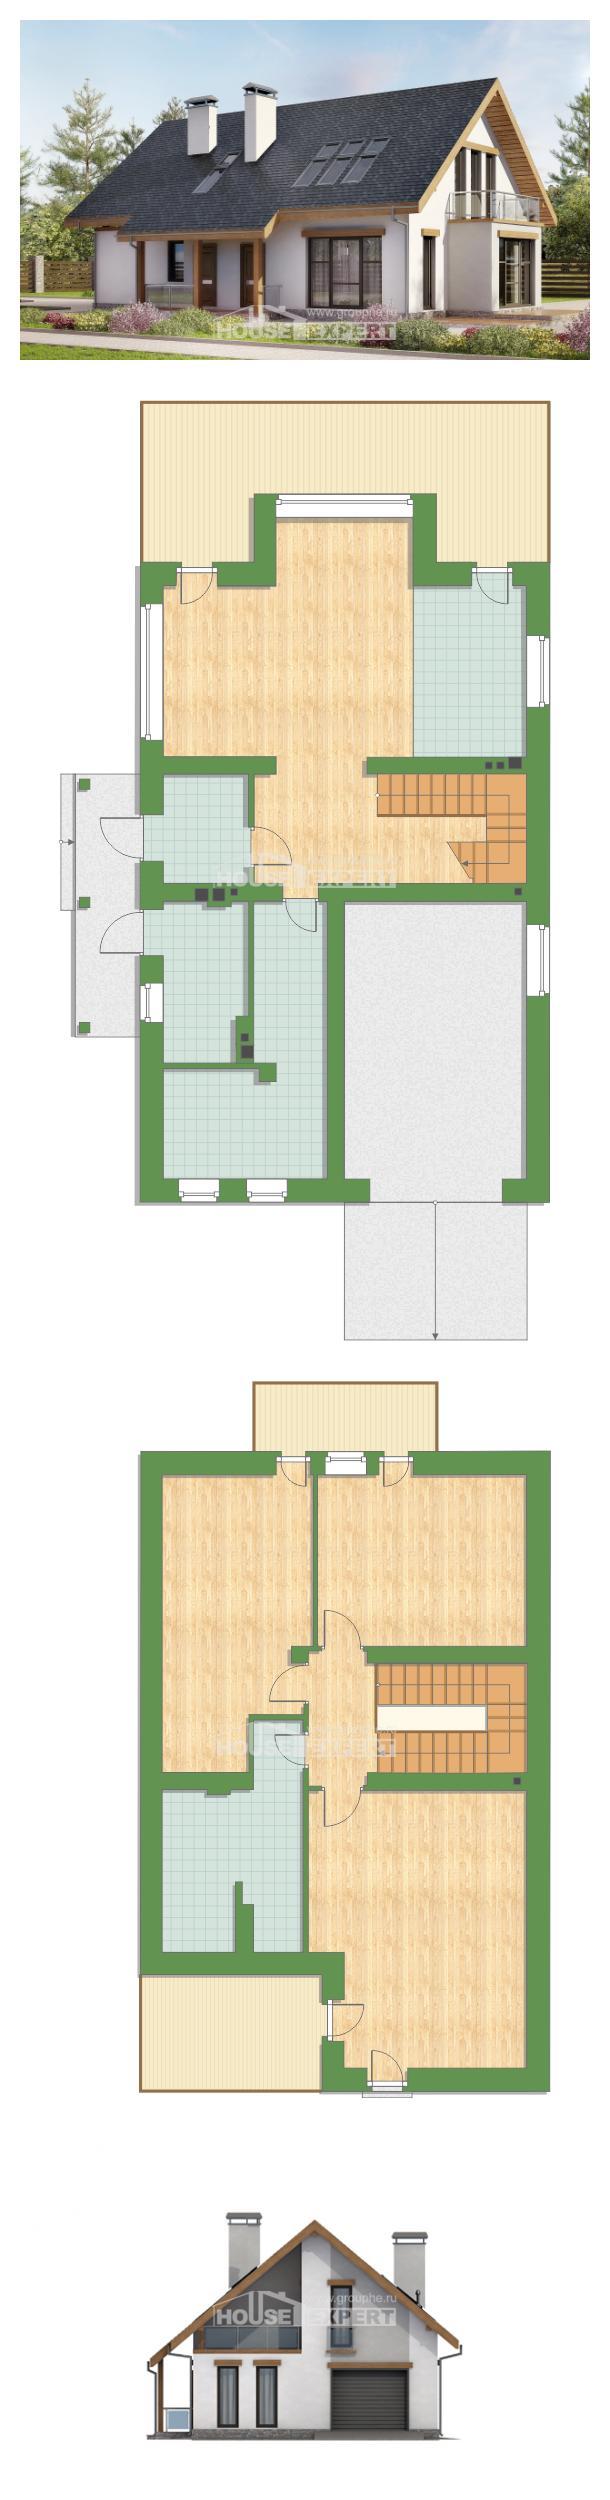 Plan 185-005-R   House Expert